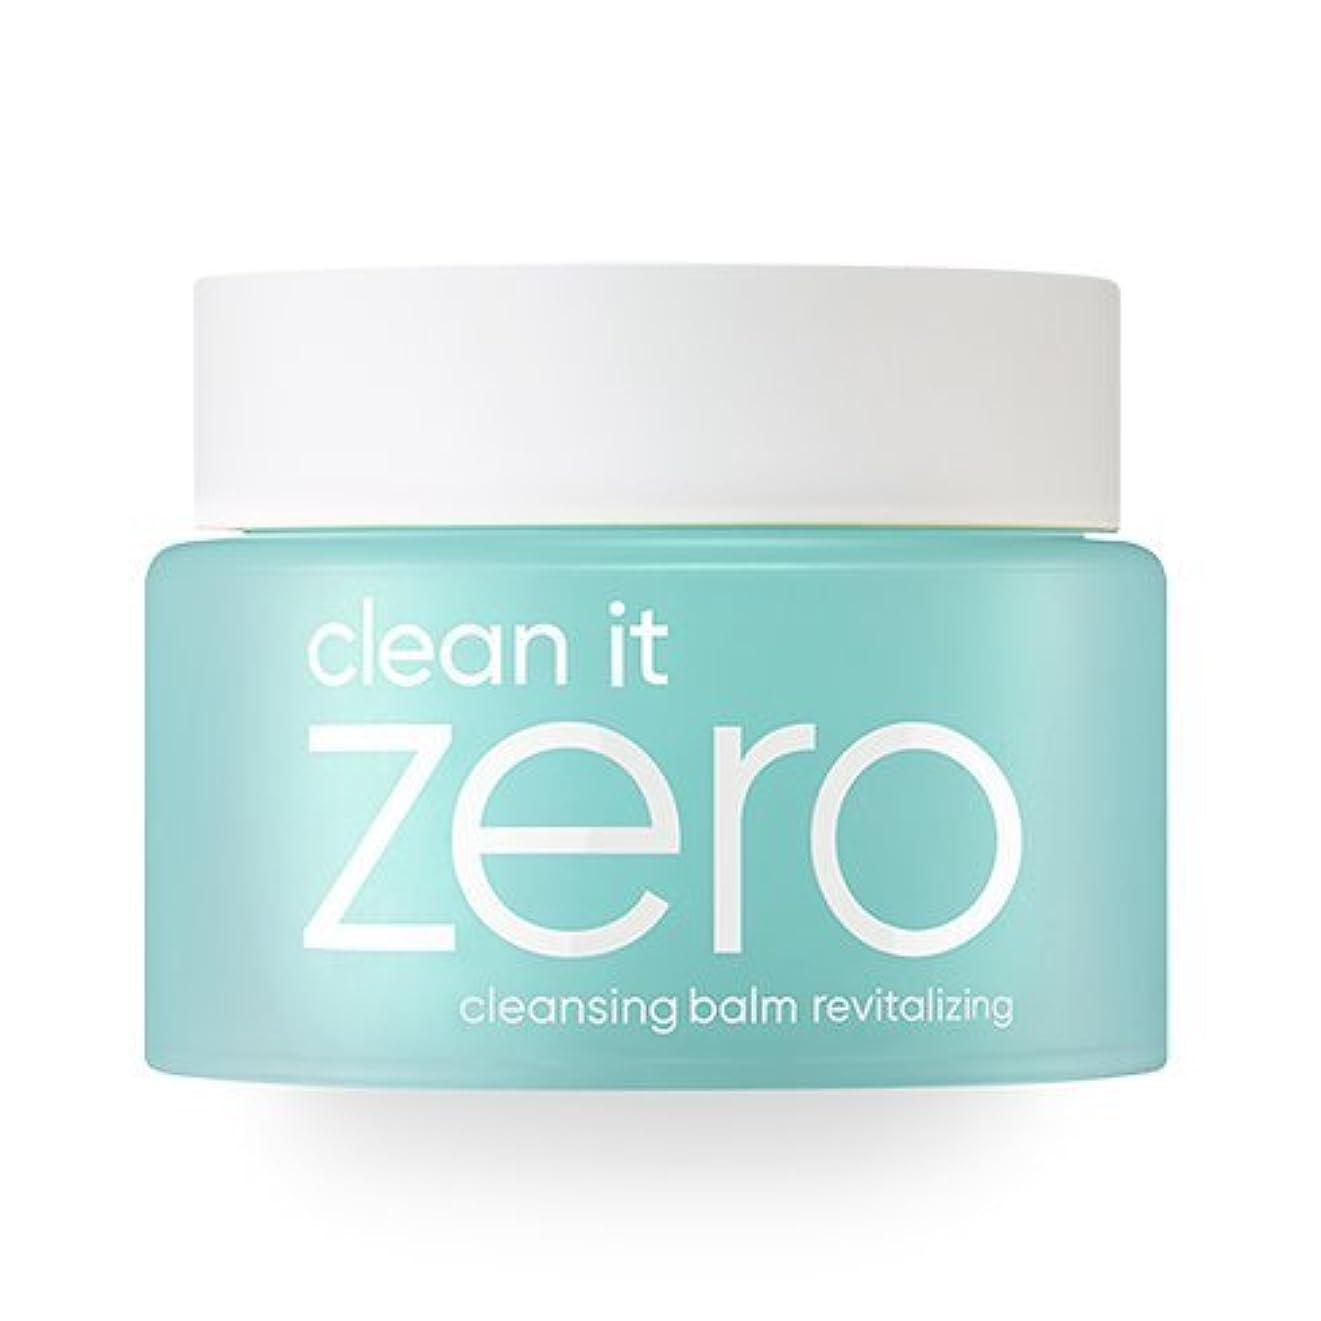 意気消沈した交換ポテト[2018 Renewal] BANILA CO Clean It Zero Cleansing Balm/バニラコ クリーン イット ゼロ クレンジング バーム (#Revitalizing 100ml) [並行輸入品]